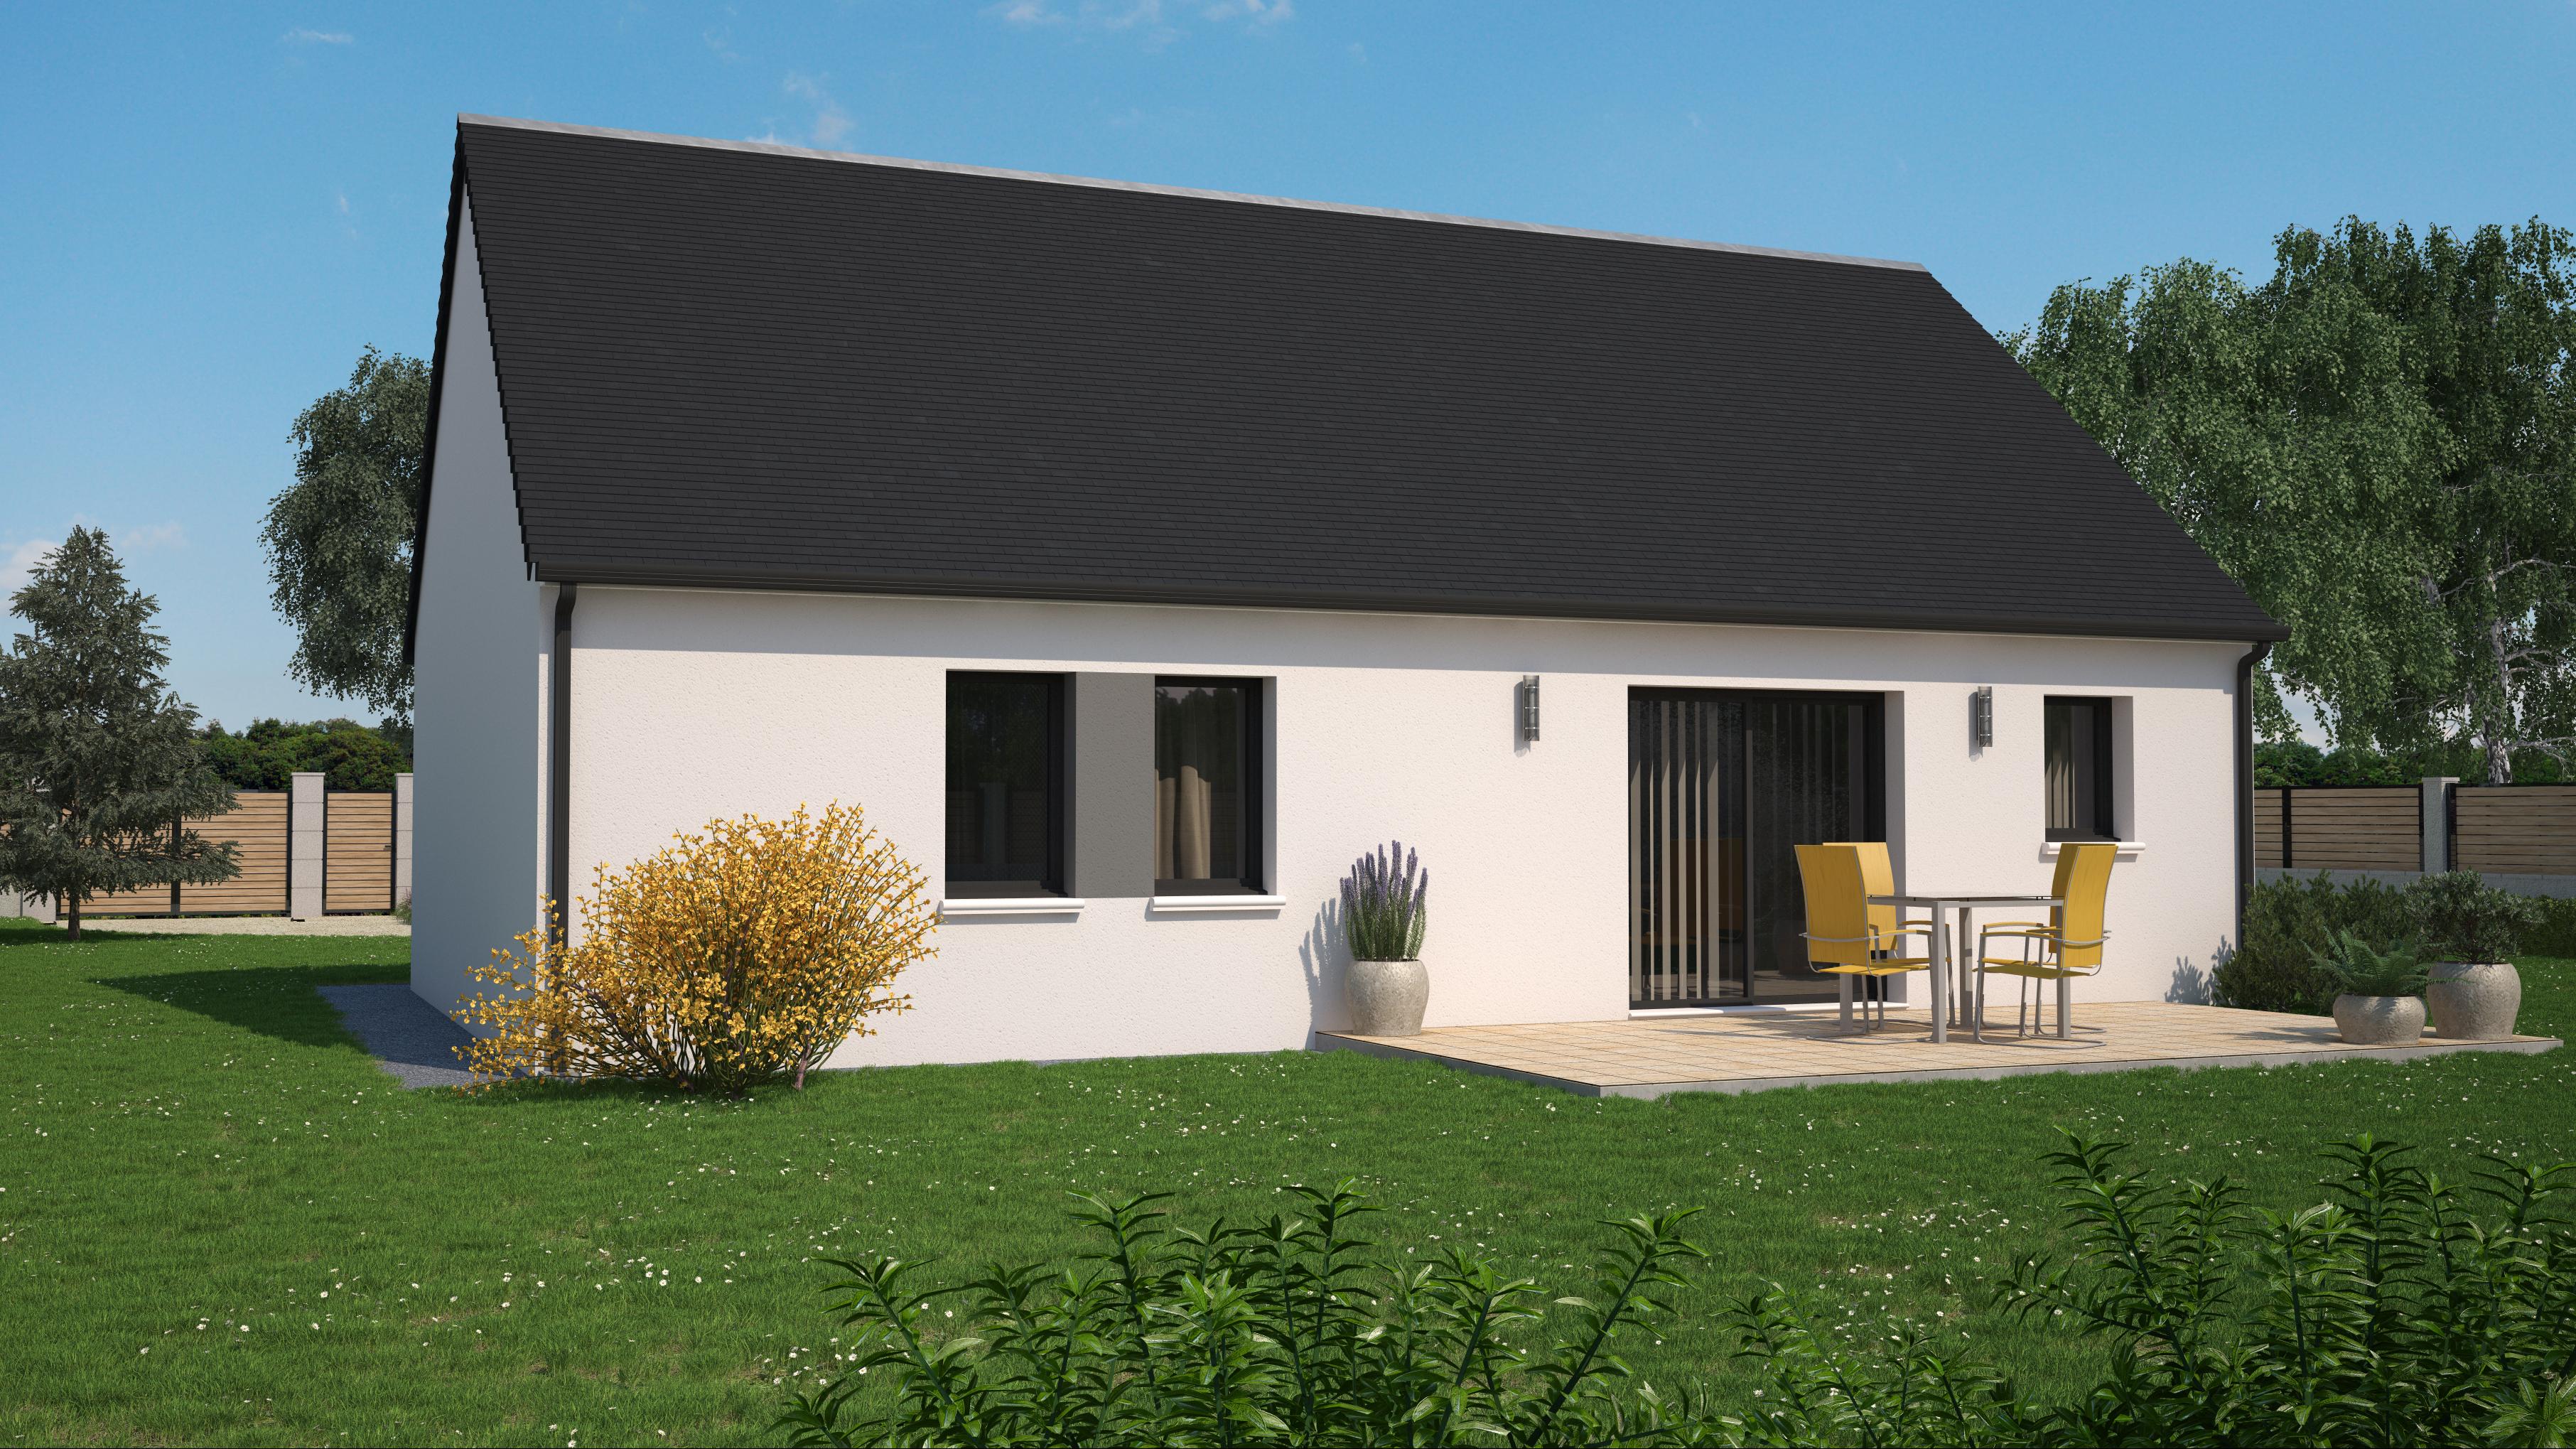 Maison à vendre à Blois